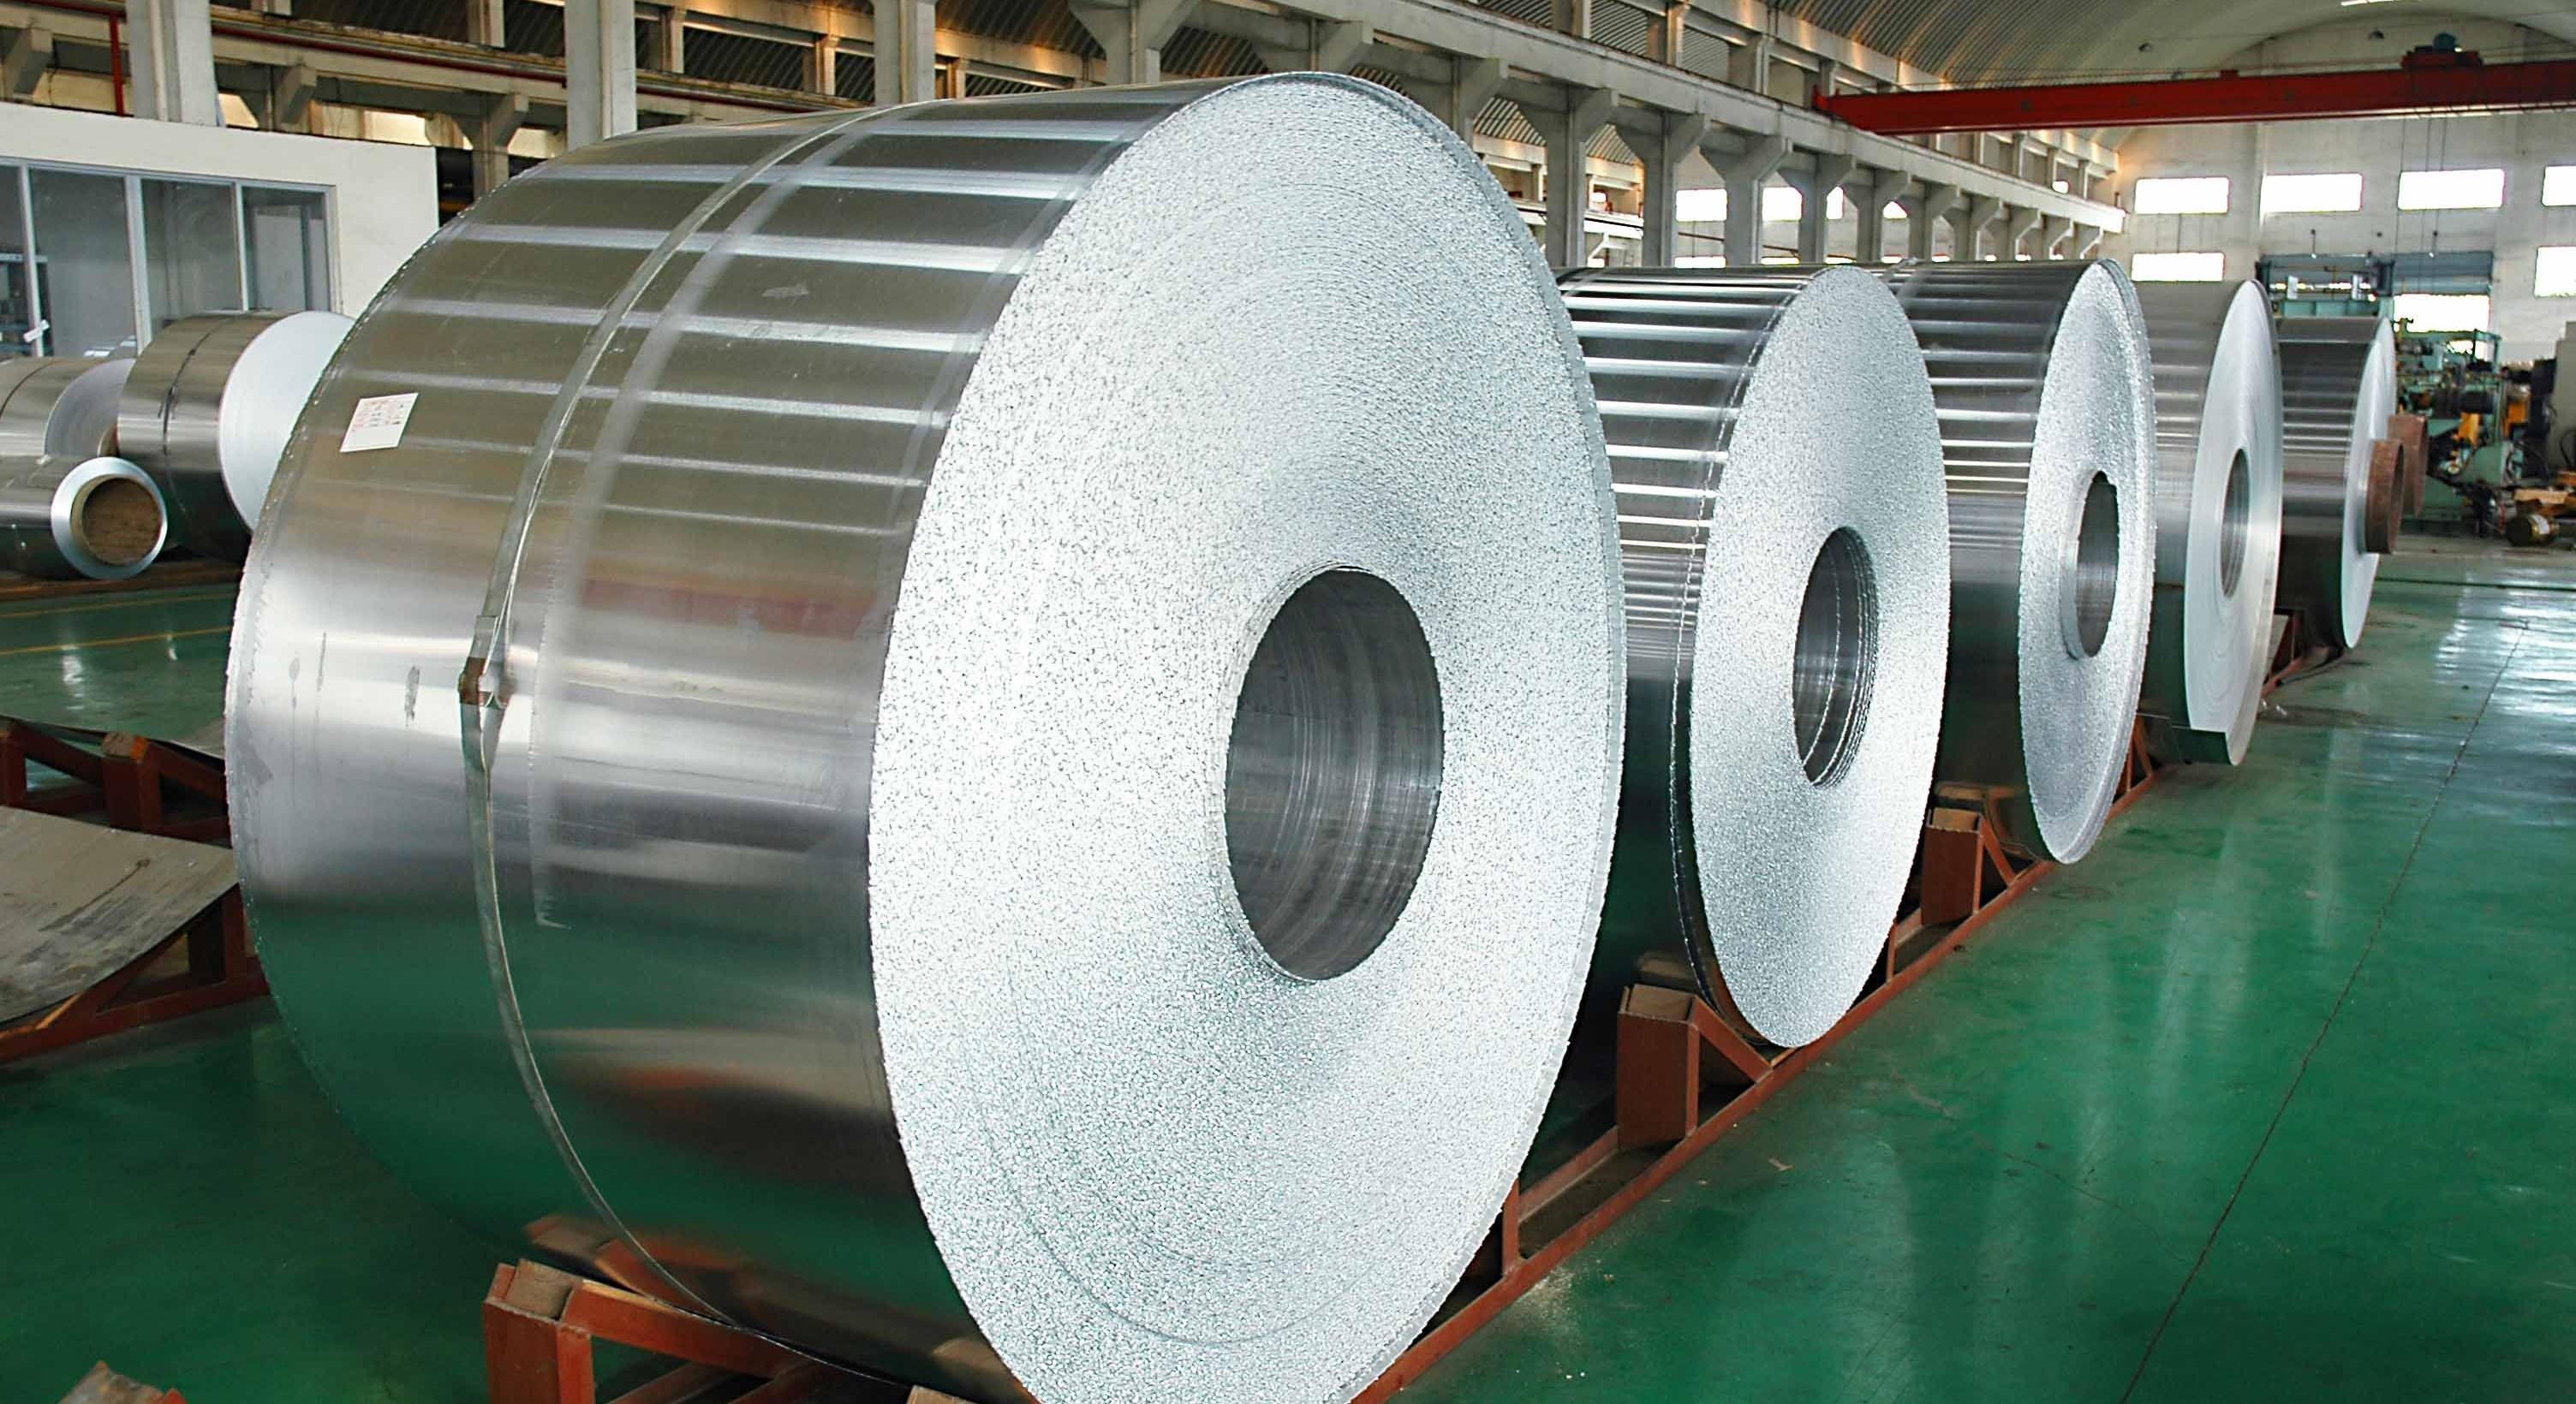 فرایند تولید آلومینیوم از بوکسیت